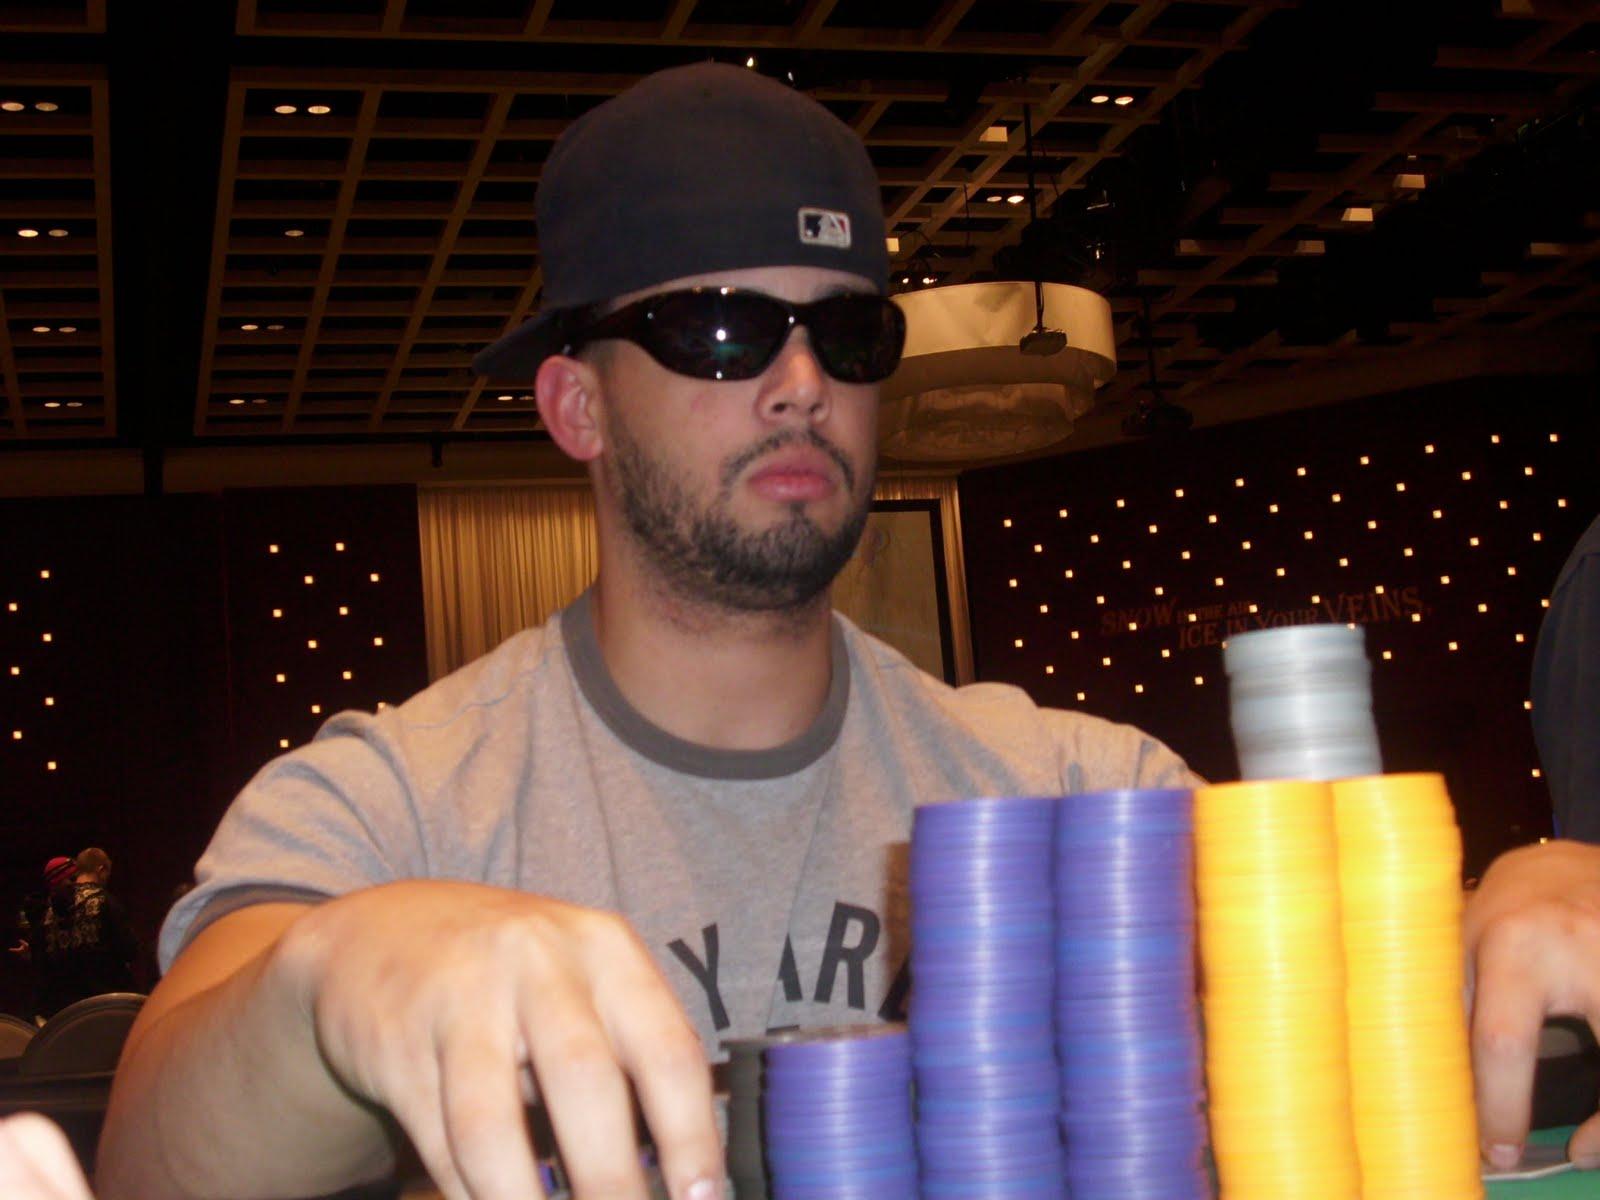 Adina winston poker